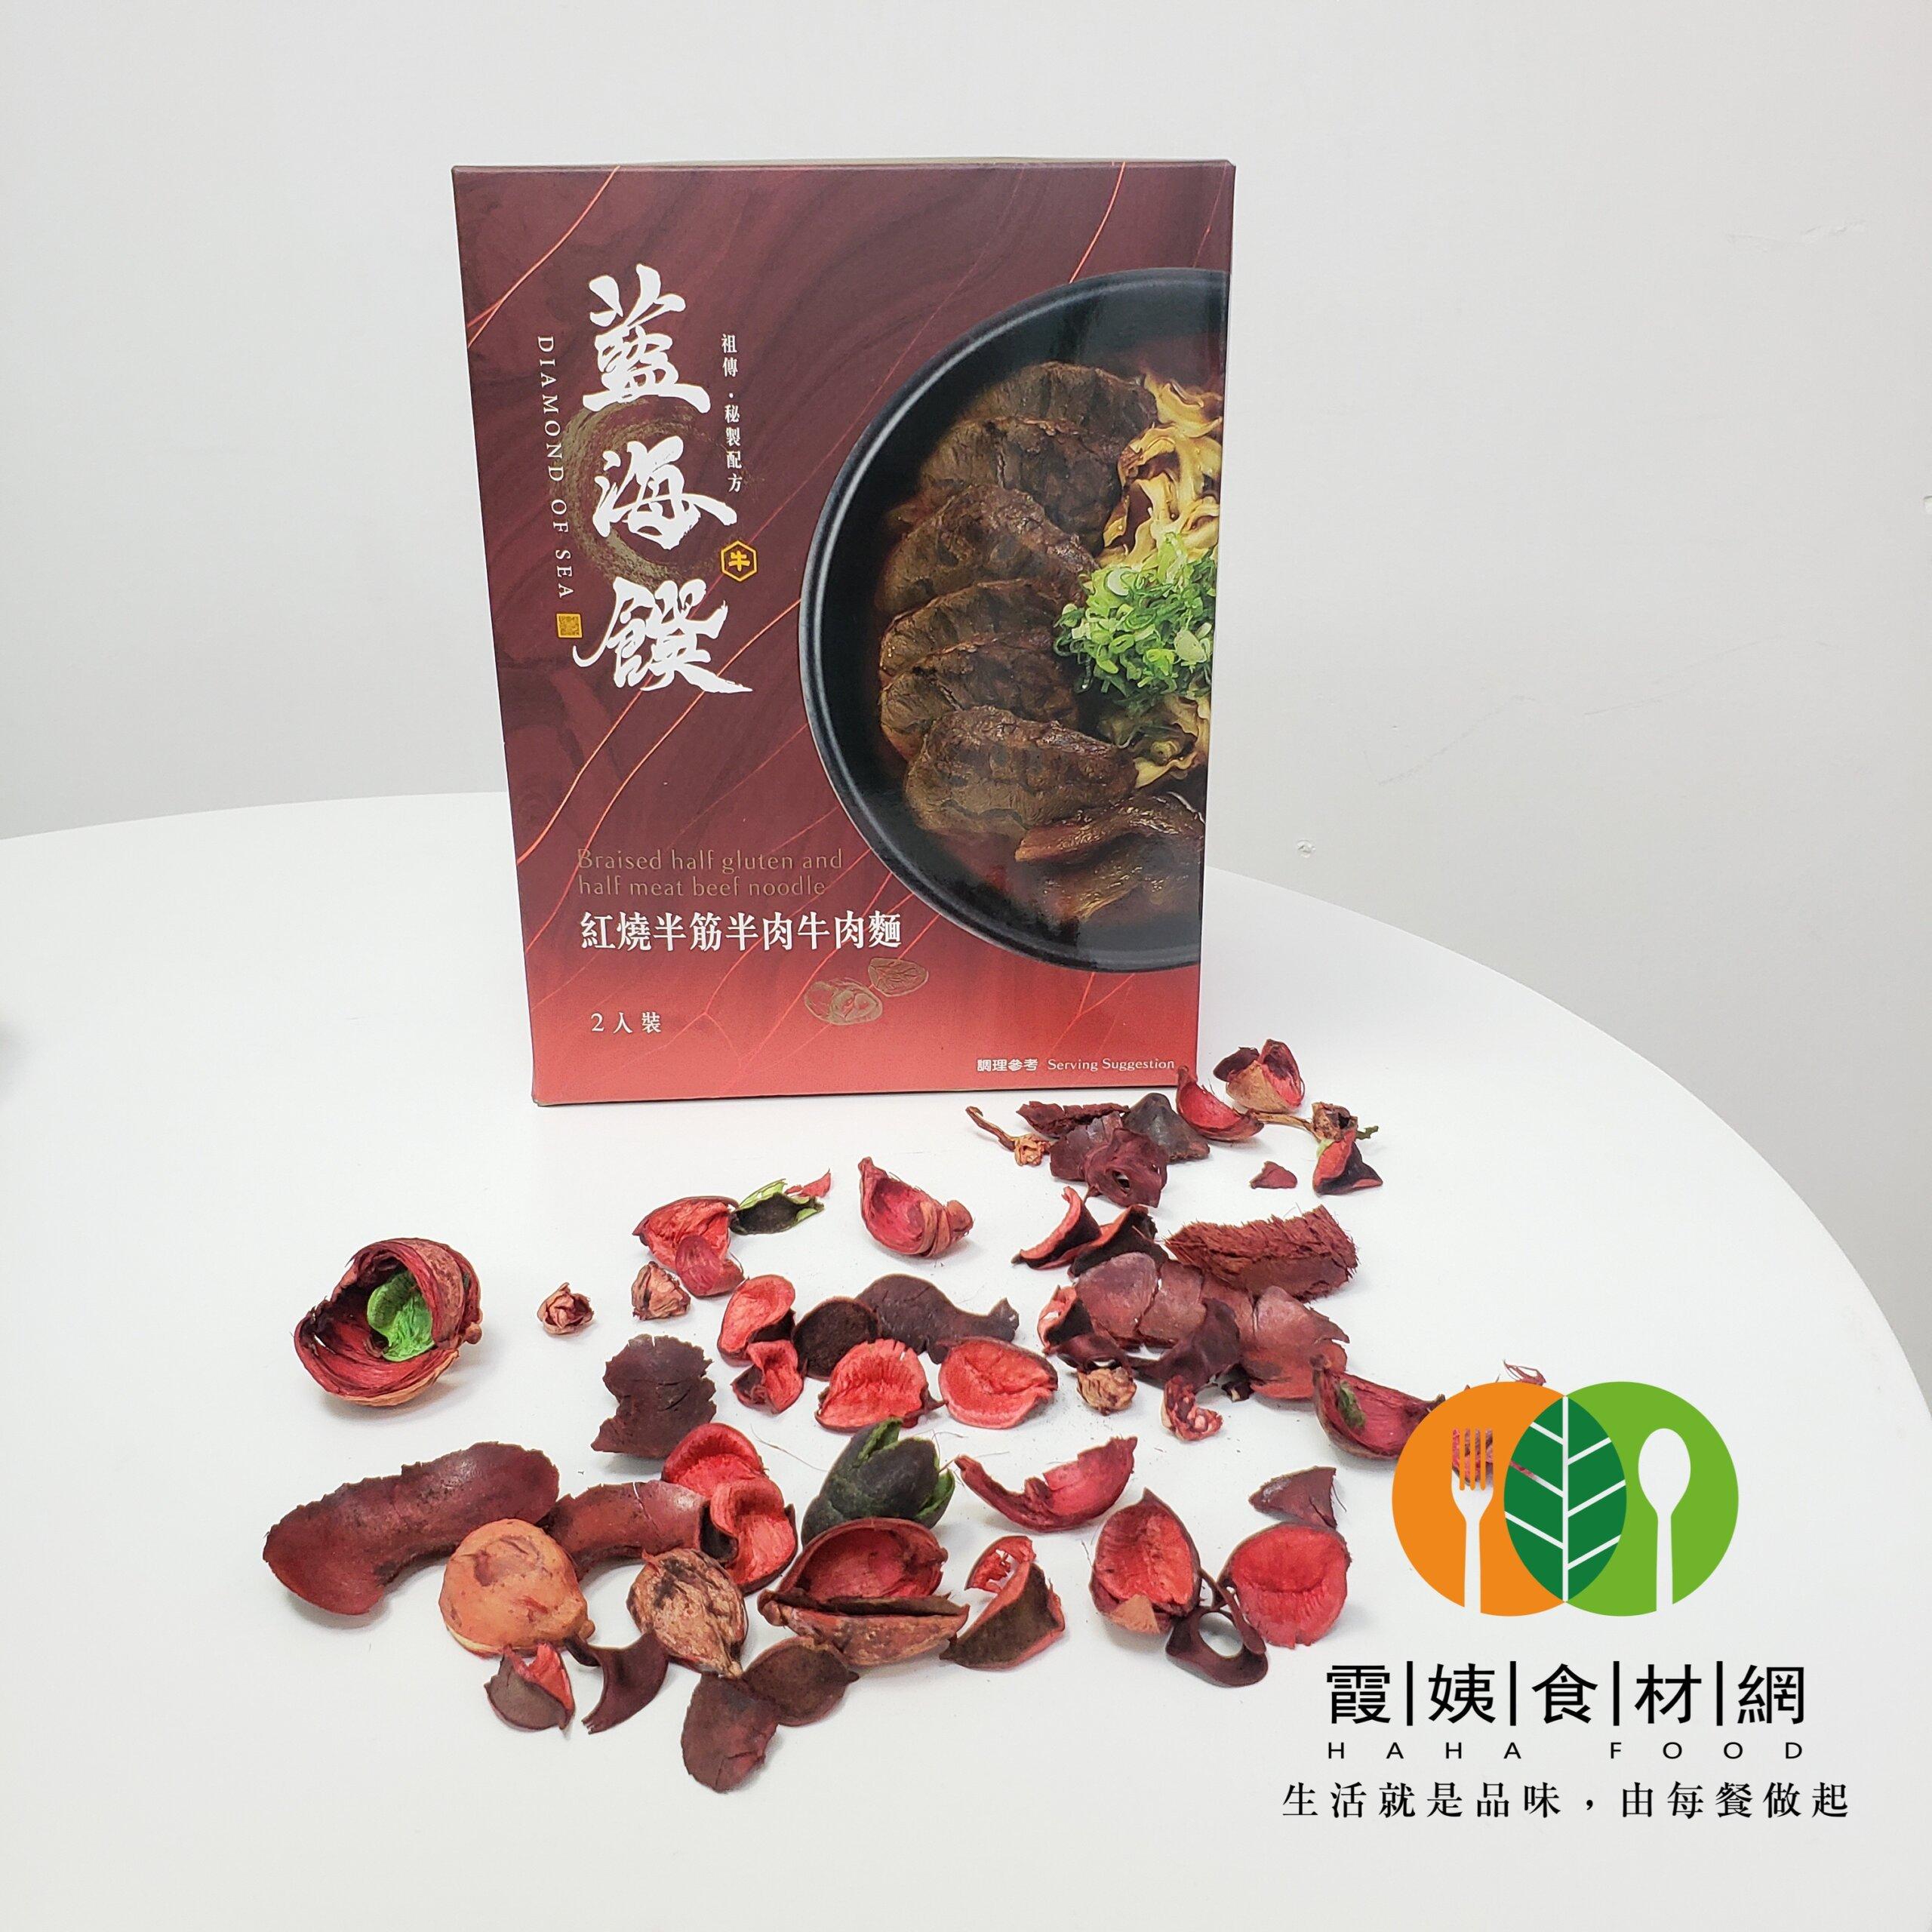 A315 台灣藍海饌紅燒半筋半肉麵(2入裝)